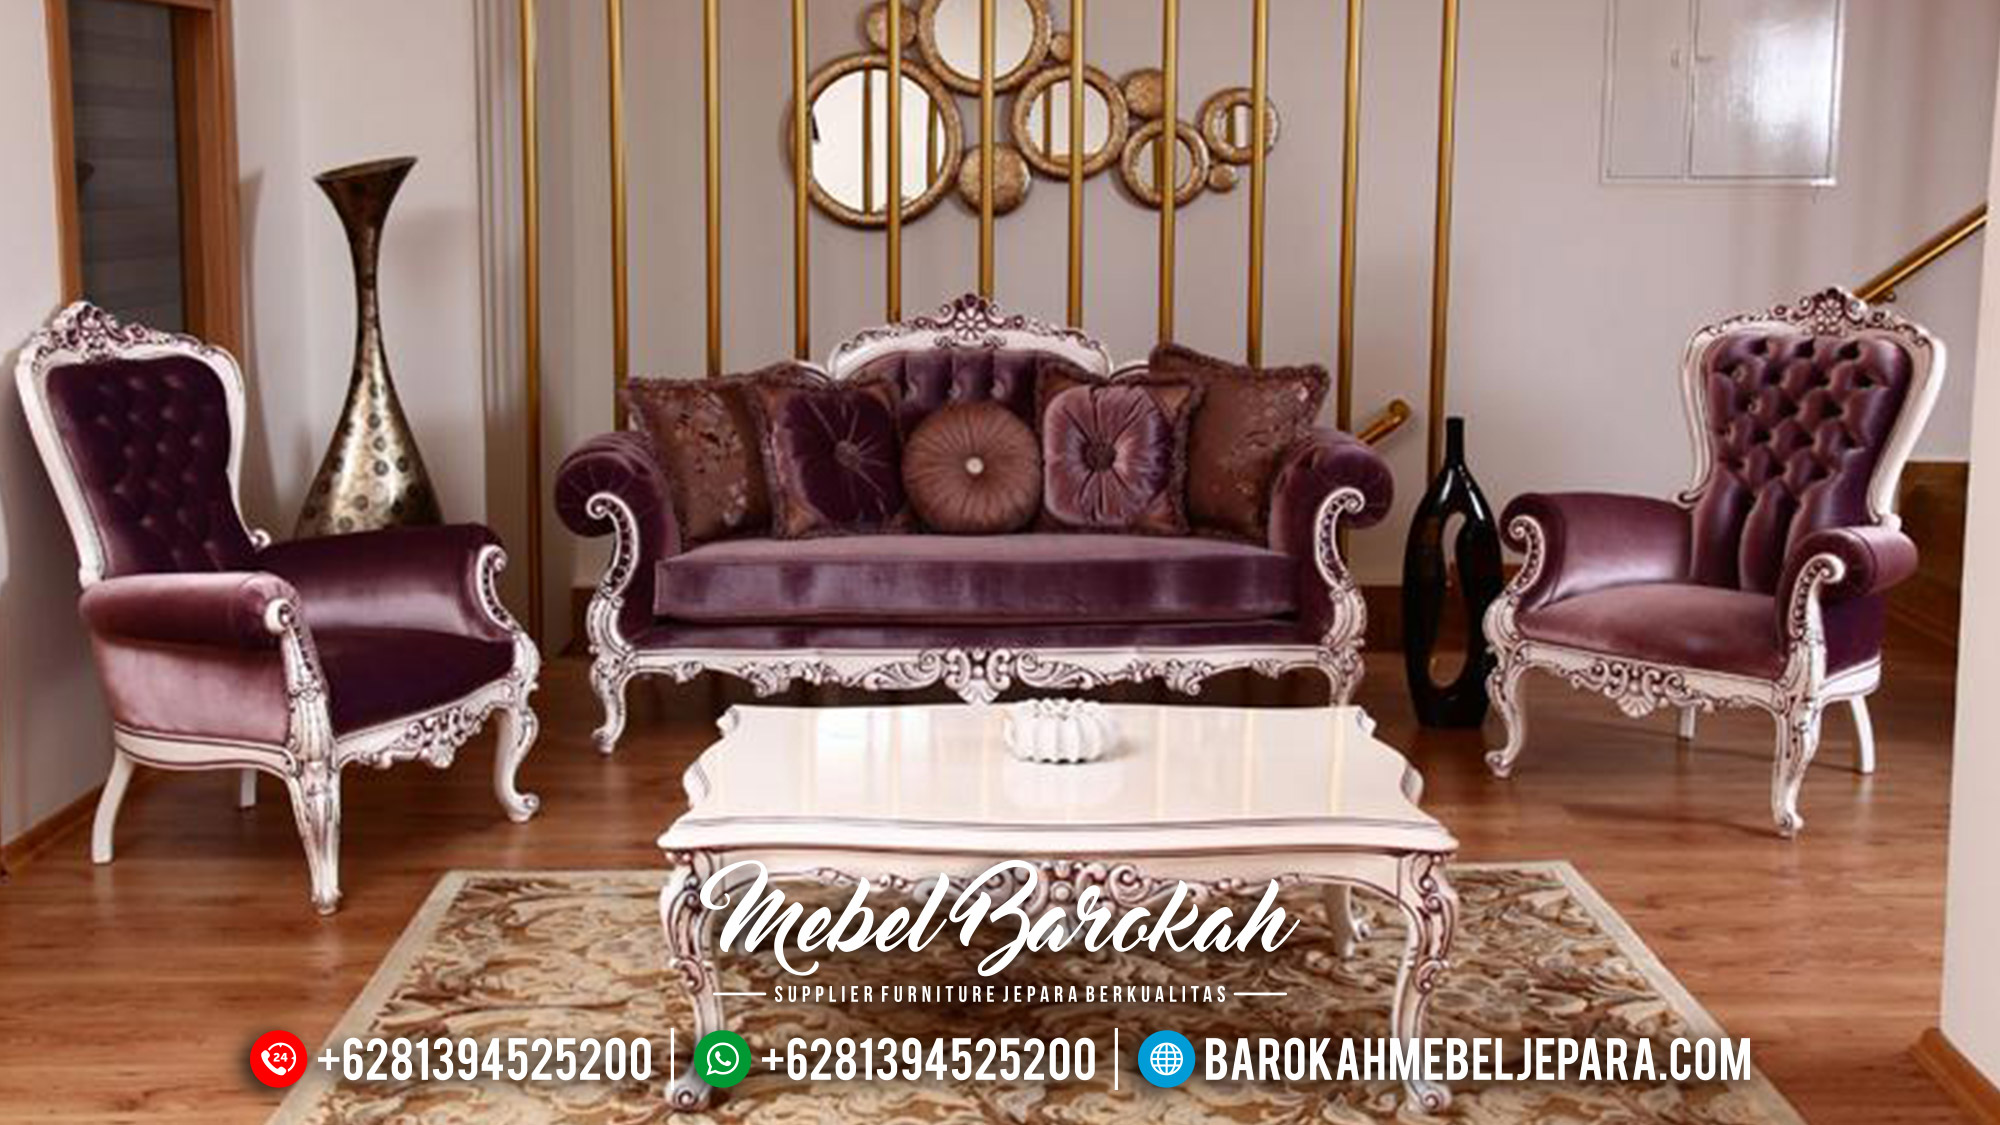 Big Sale Sofa Tamu Jepara Luxury Carving Mebel Jepara Terbaru MB-0578